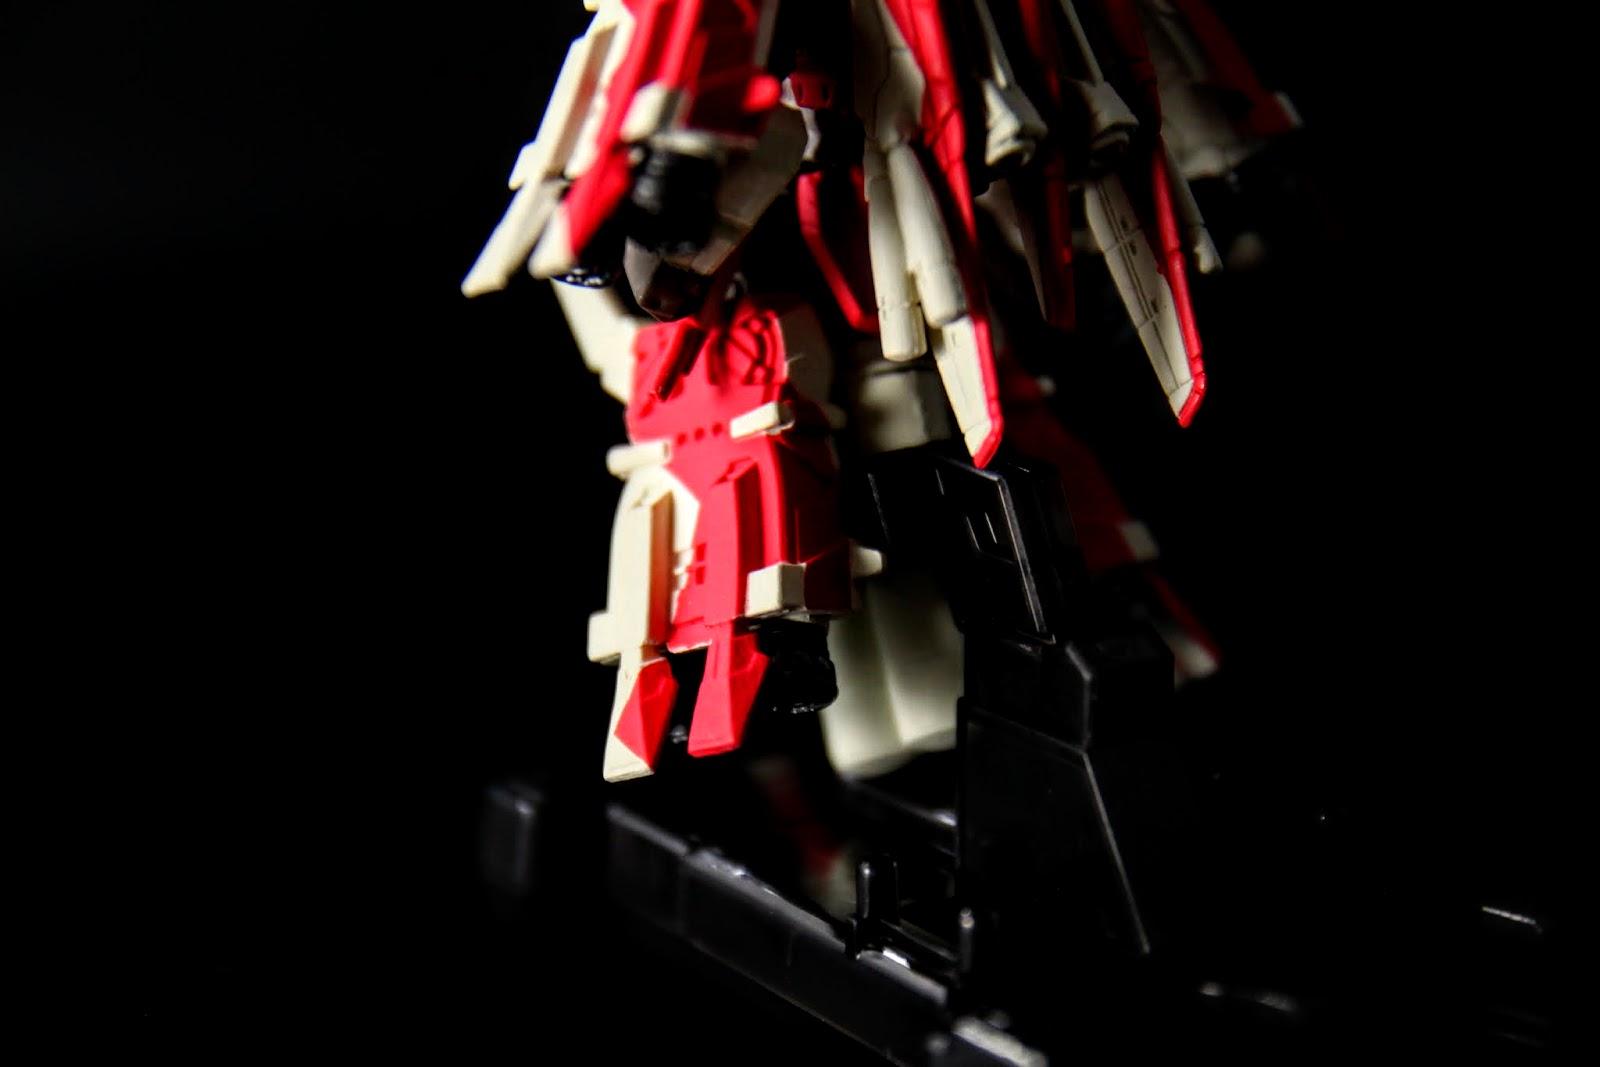 跟S鋼彈的[Bst]型態一樣, 腳都換成了大型推進器